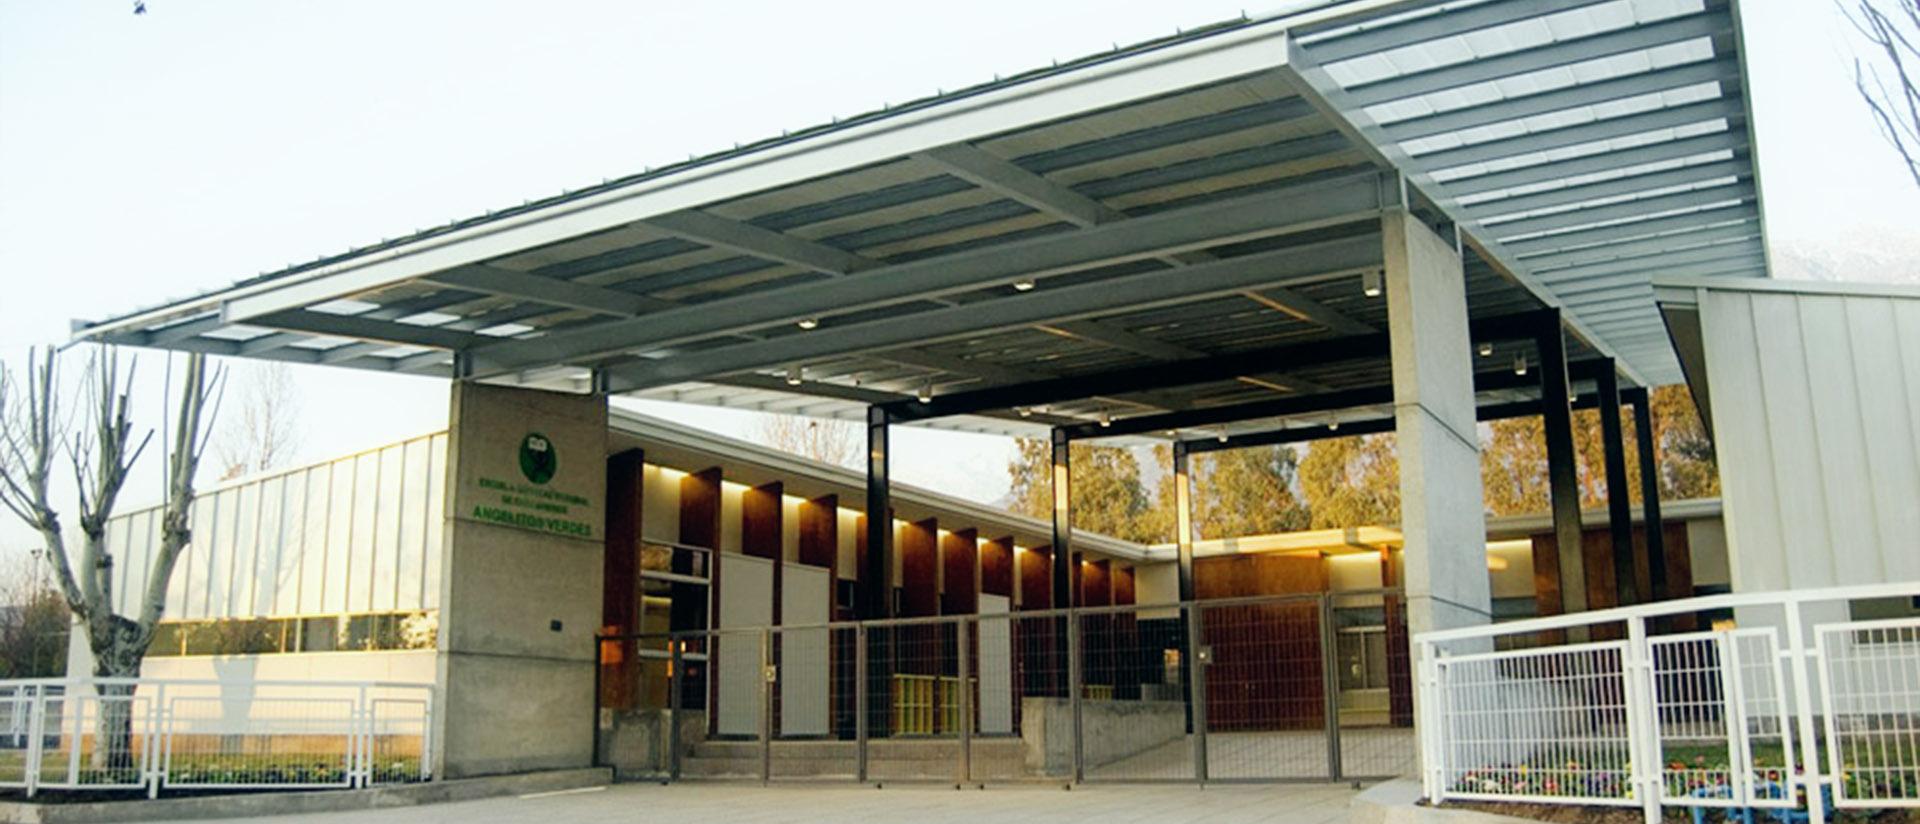 Escuela Angelitos Verdes I